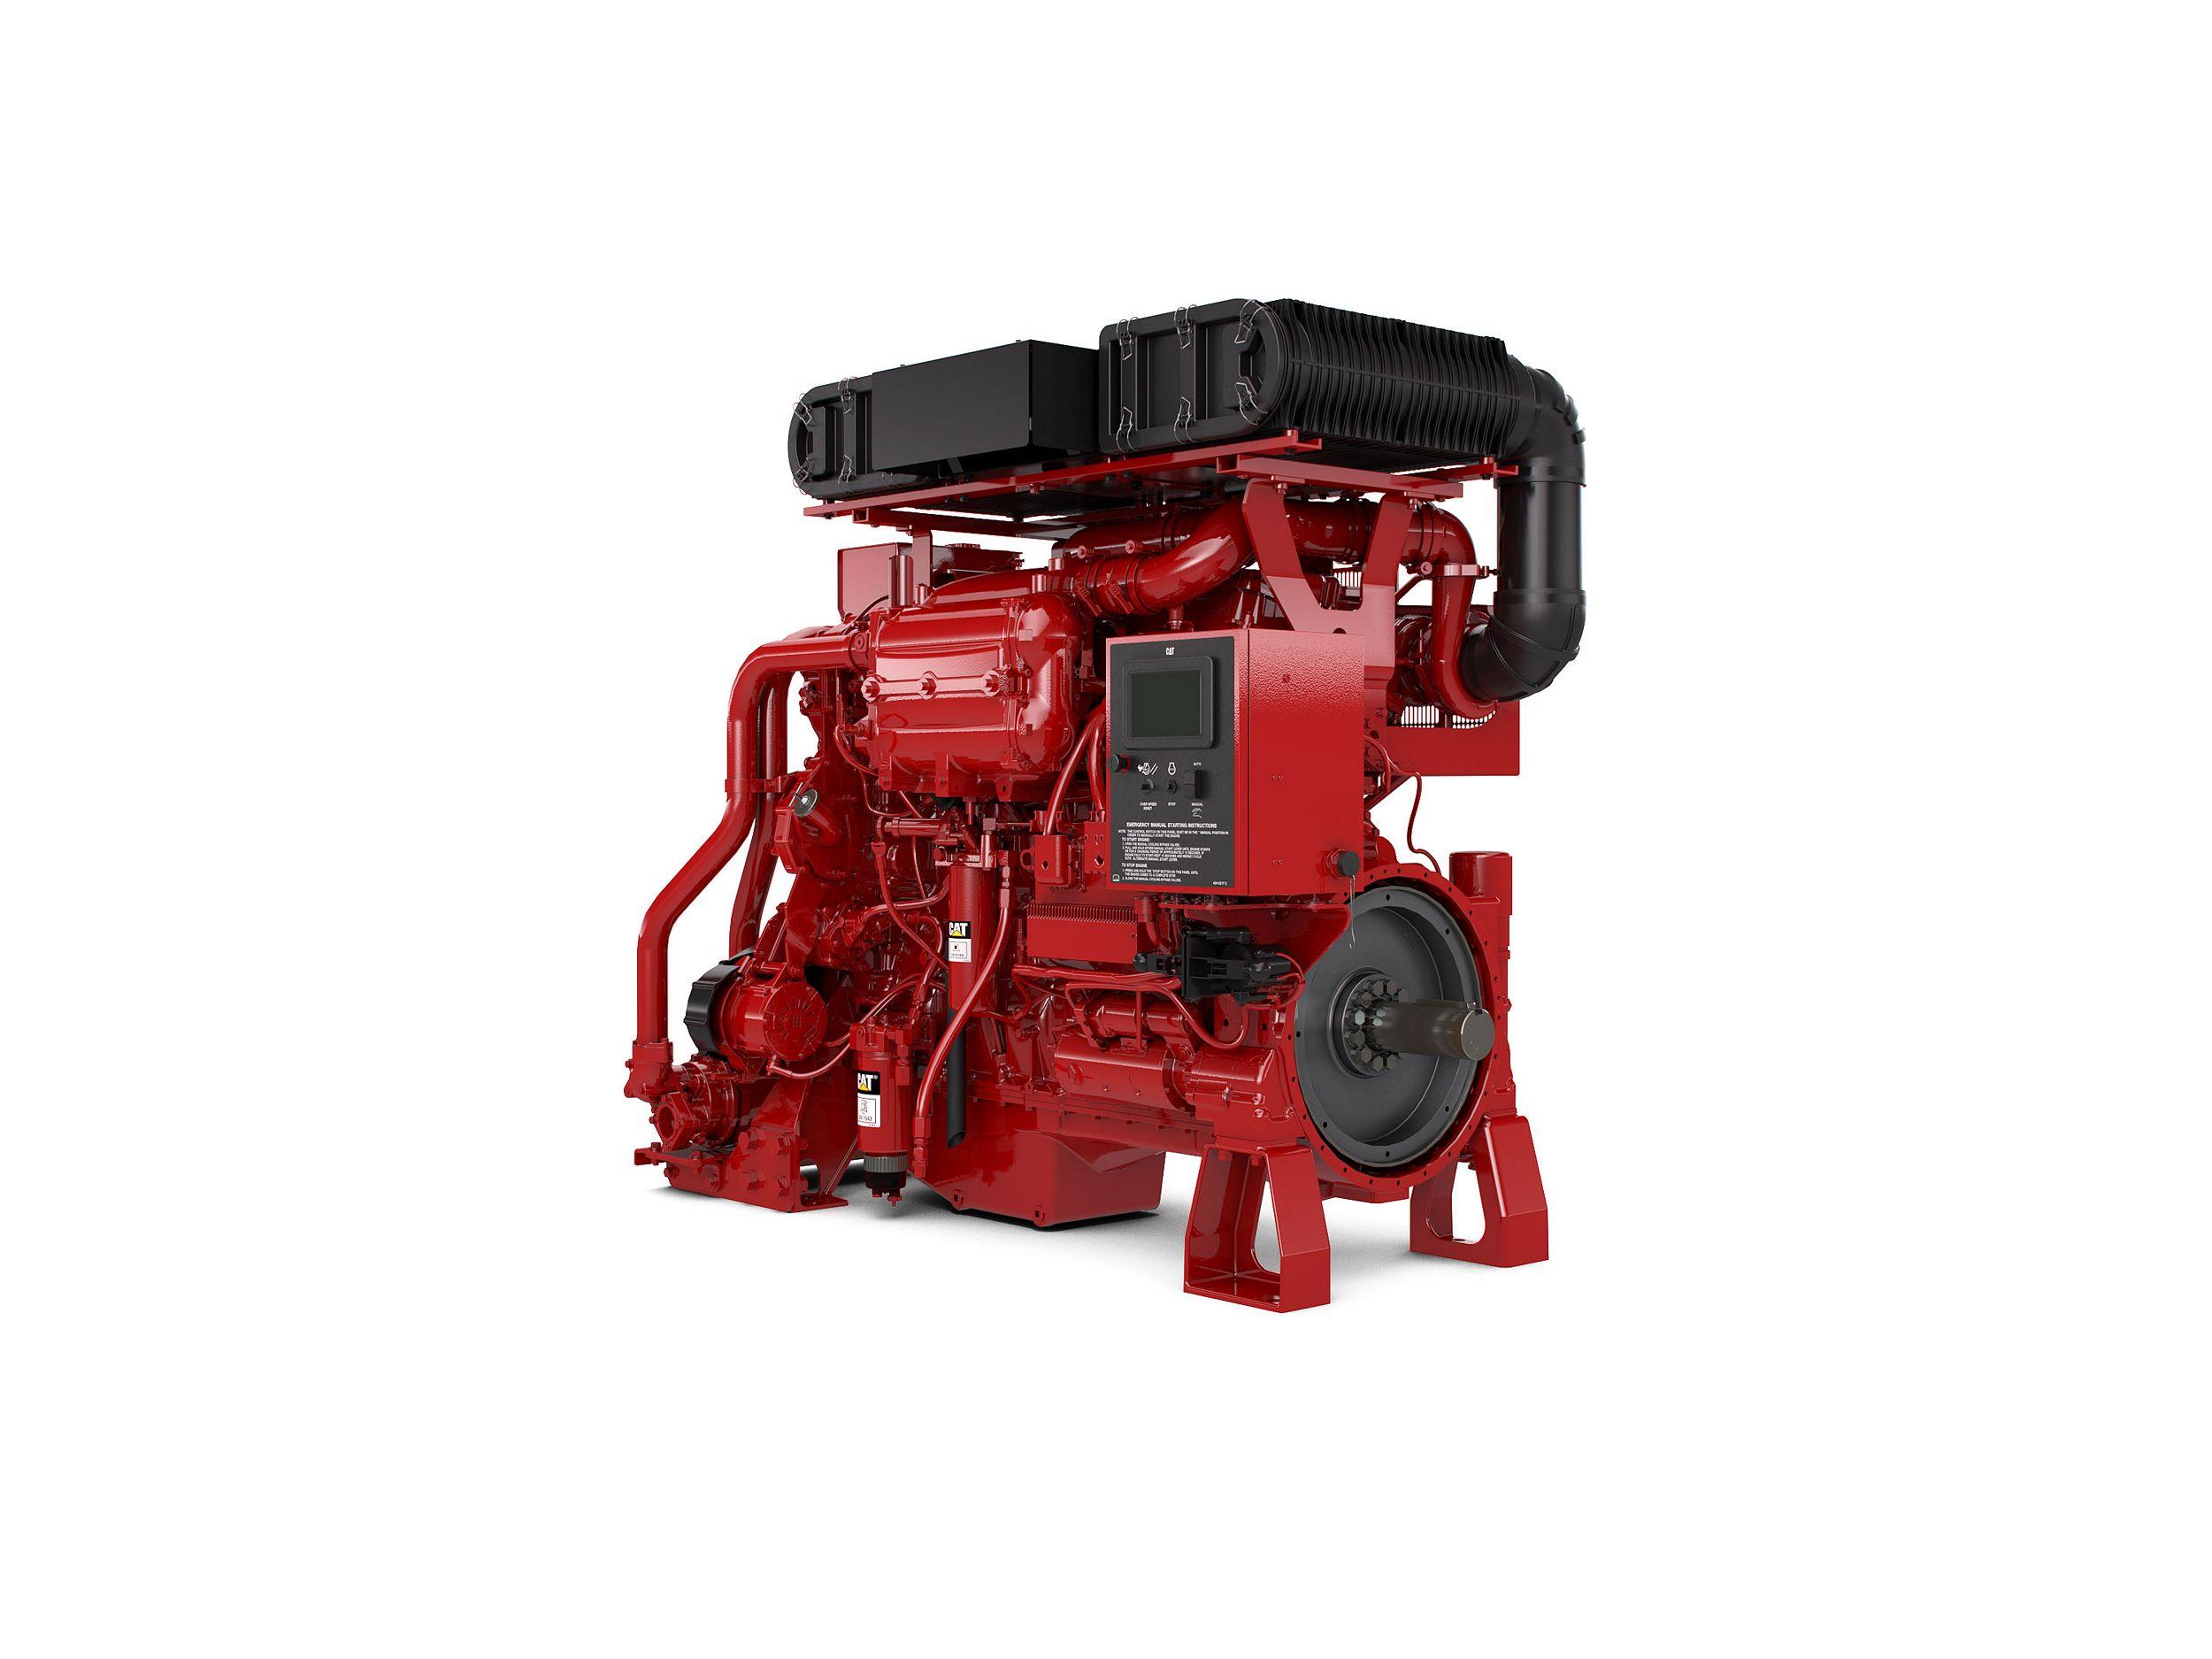 C18 Fire Pump Diesel Fire Pumps – Highly & Lesser Regulated